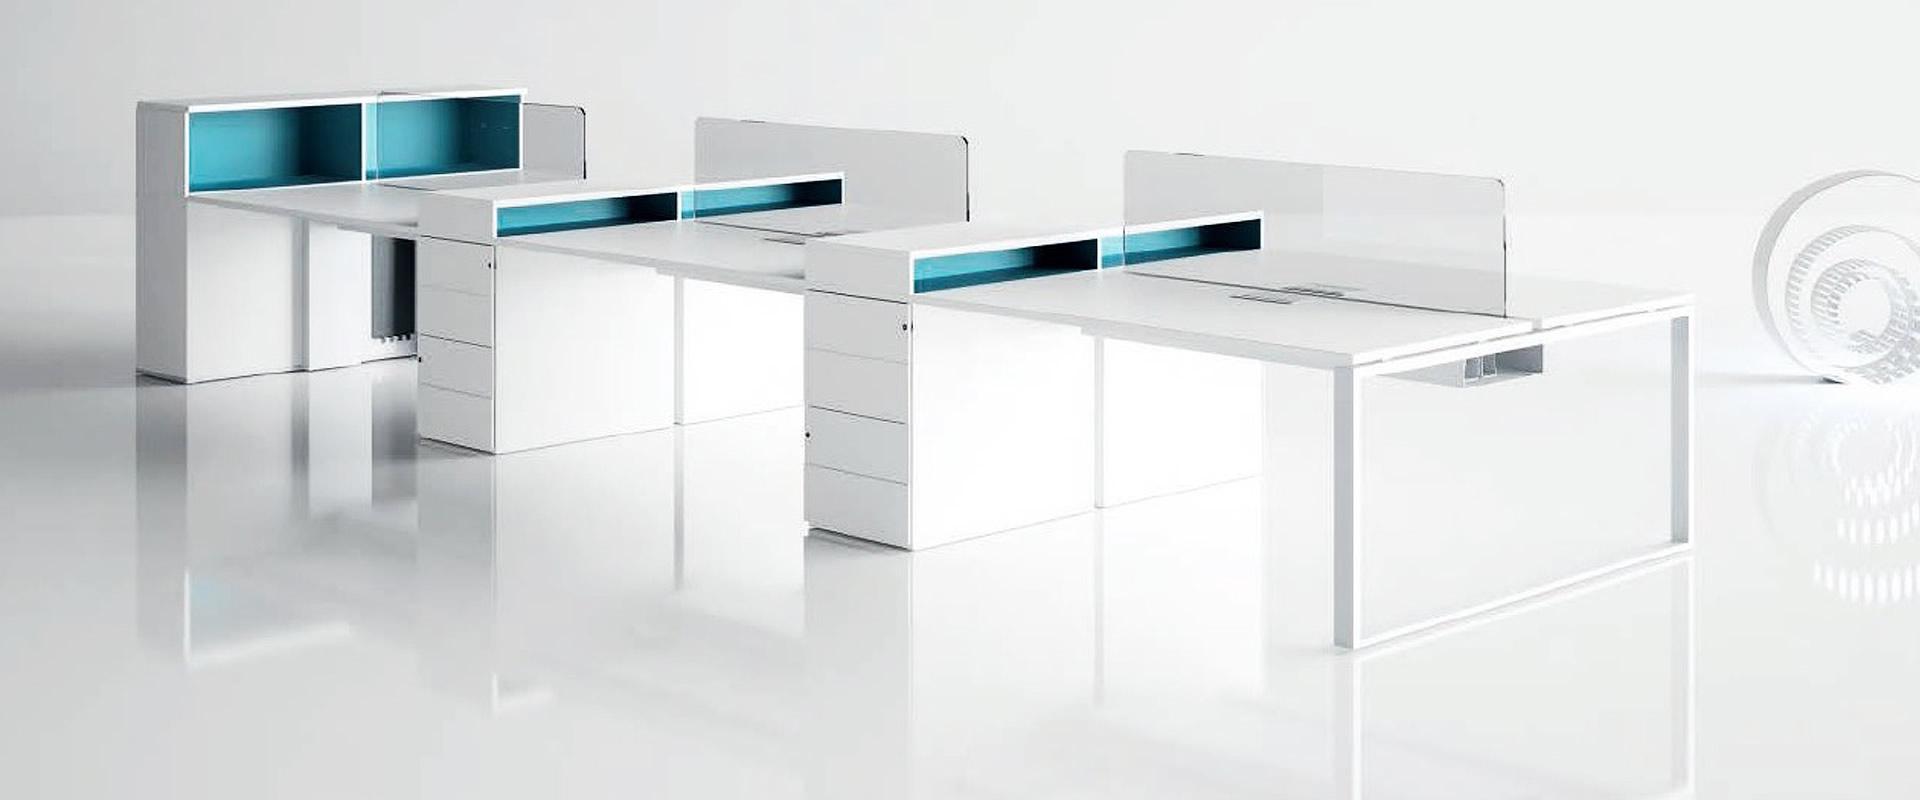 Mobili rio de escrit rio cralufe for Mobiliario de escritorio